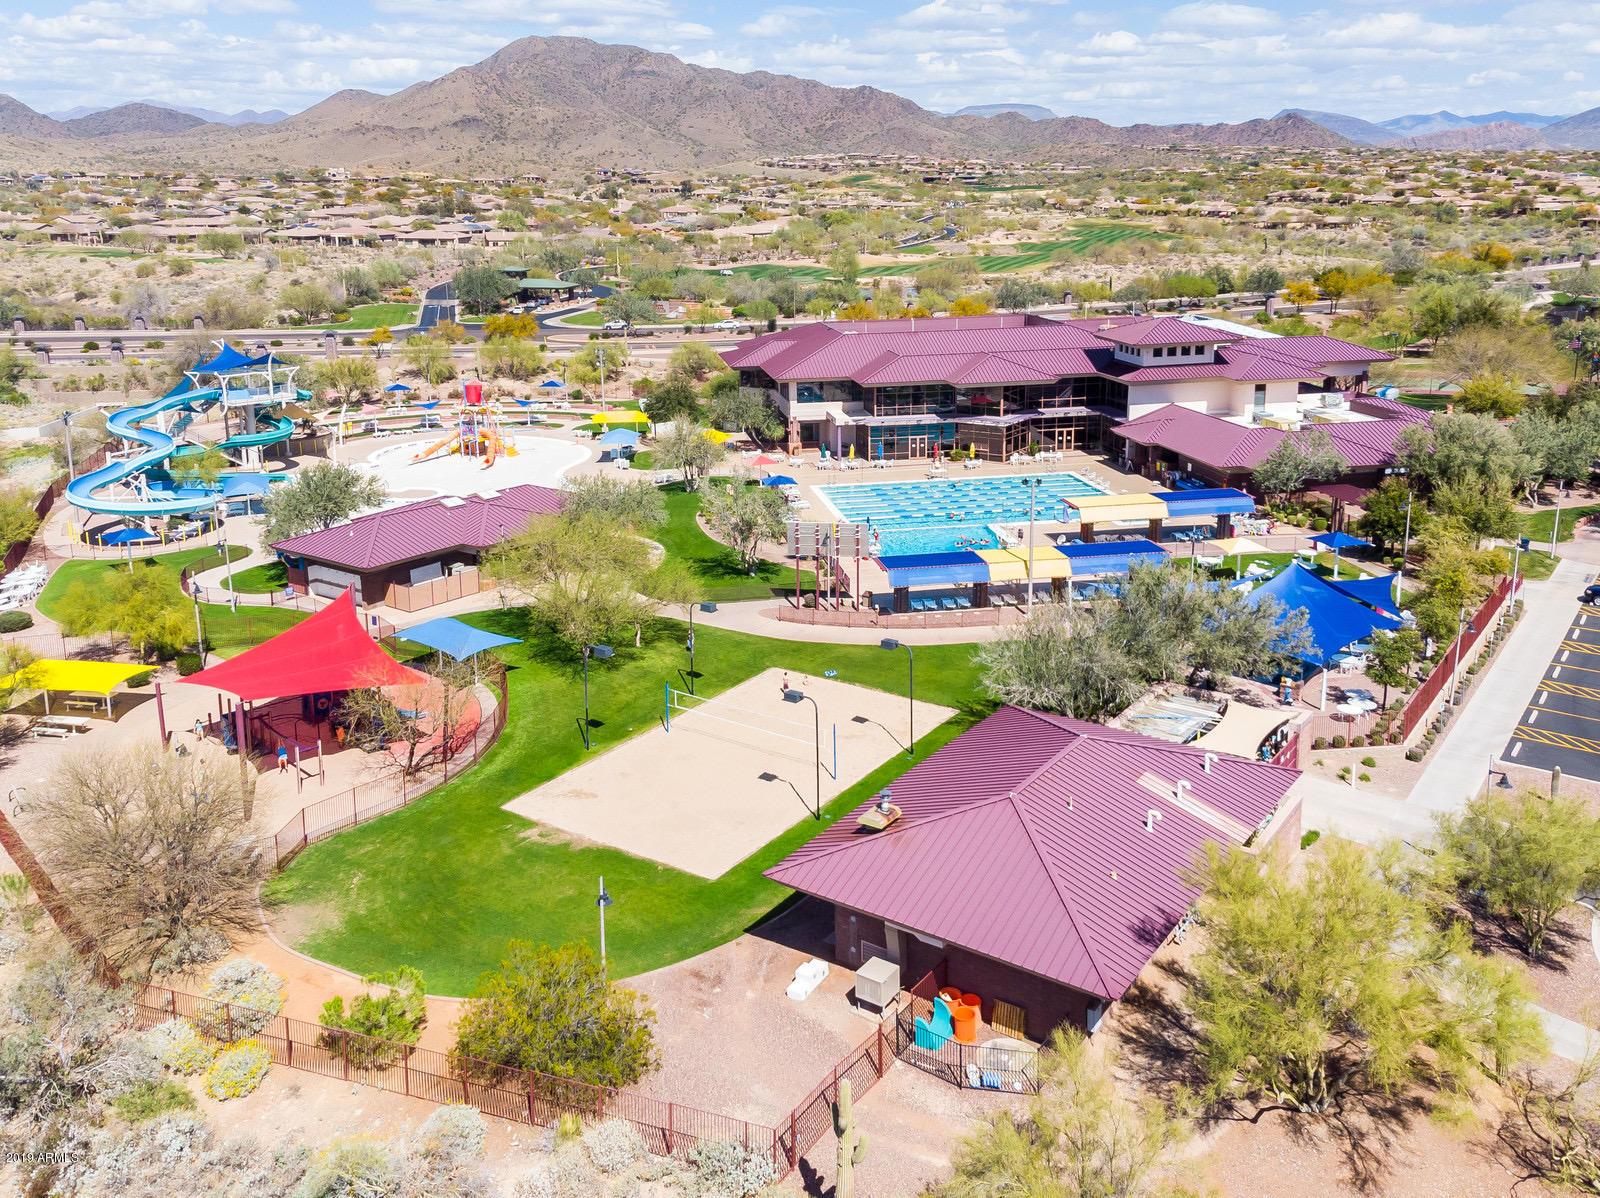 MLS 5971755 44524 N SONORAN ARROYO Lane, New River, AZ 85087 New River